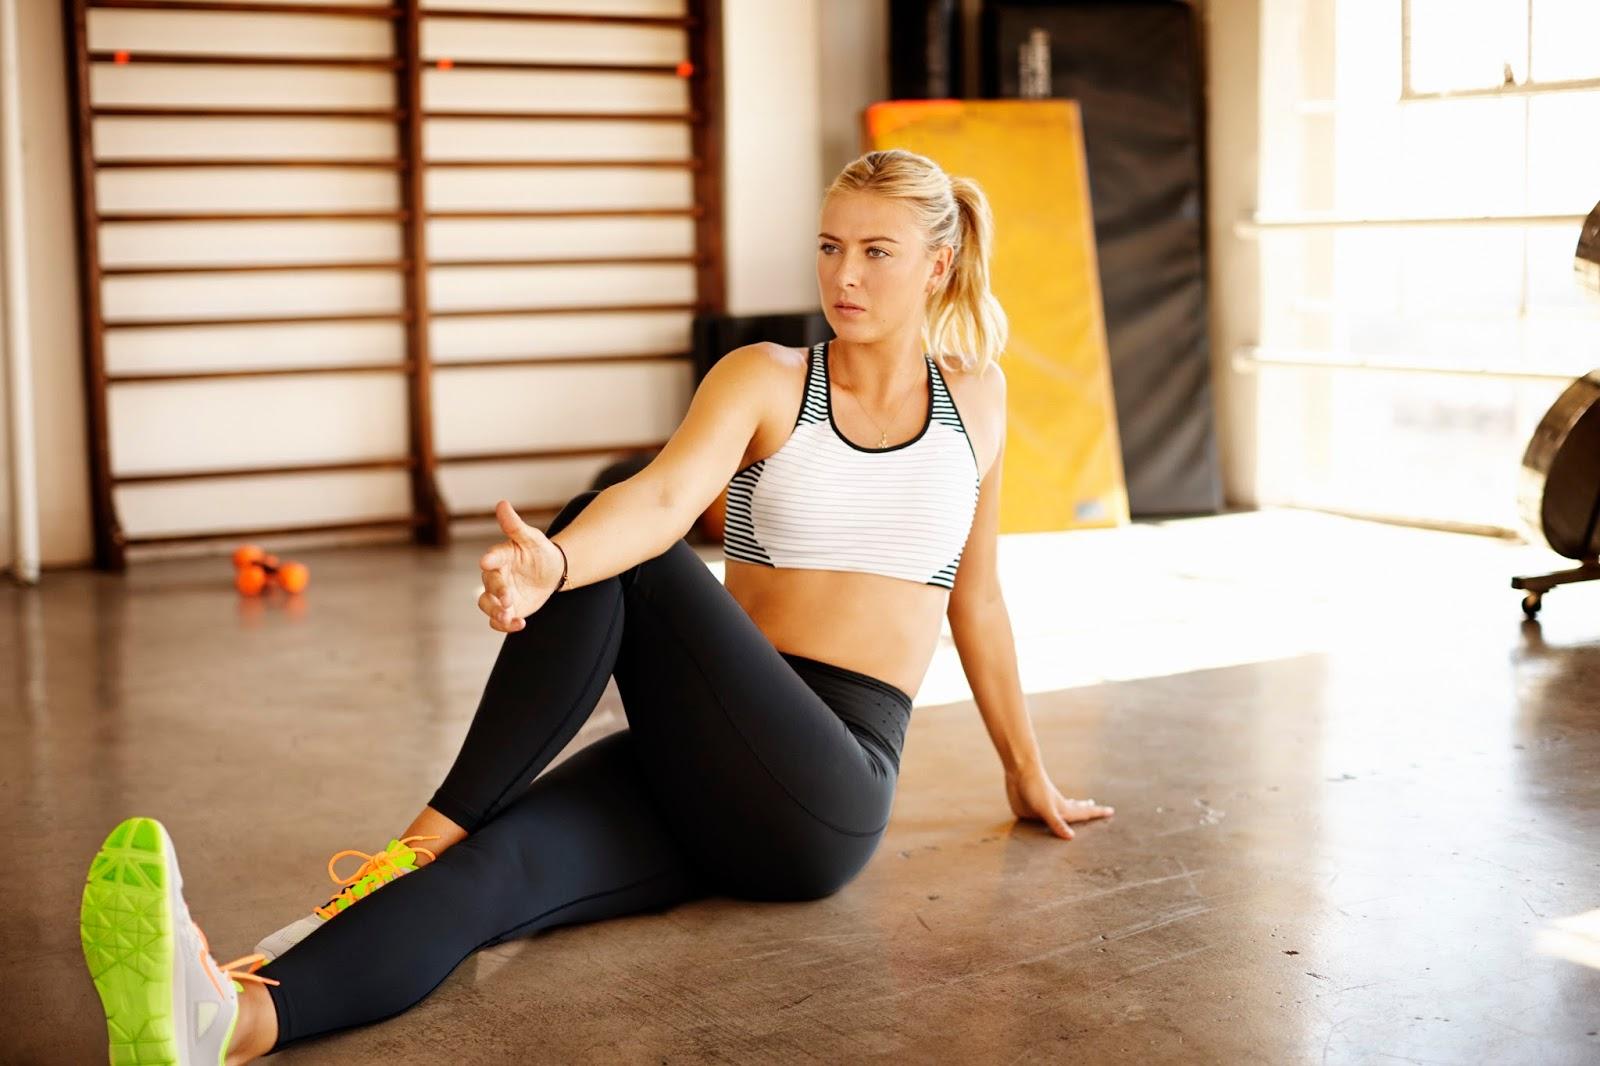 Maria sharapova hot training session